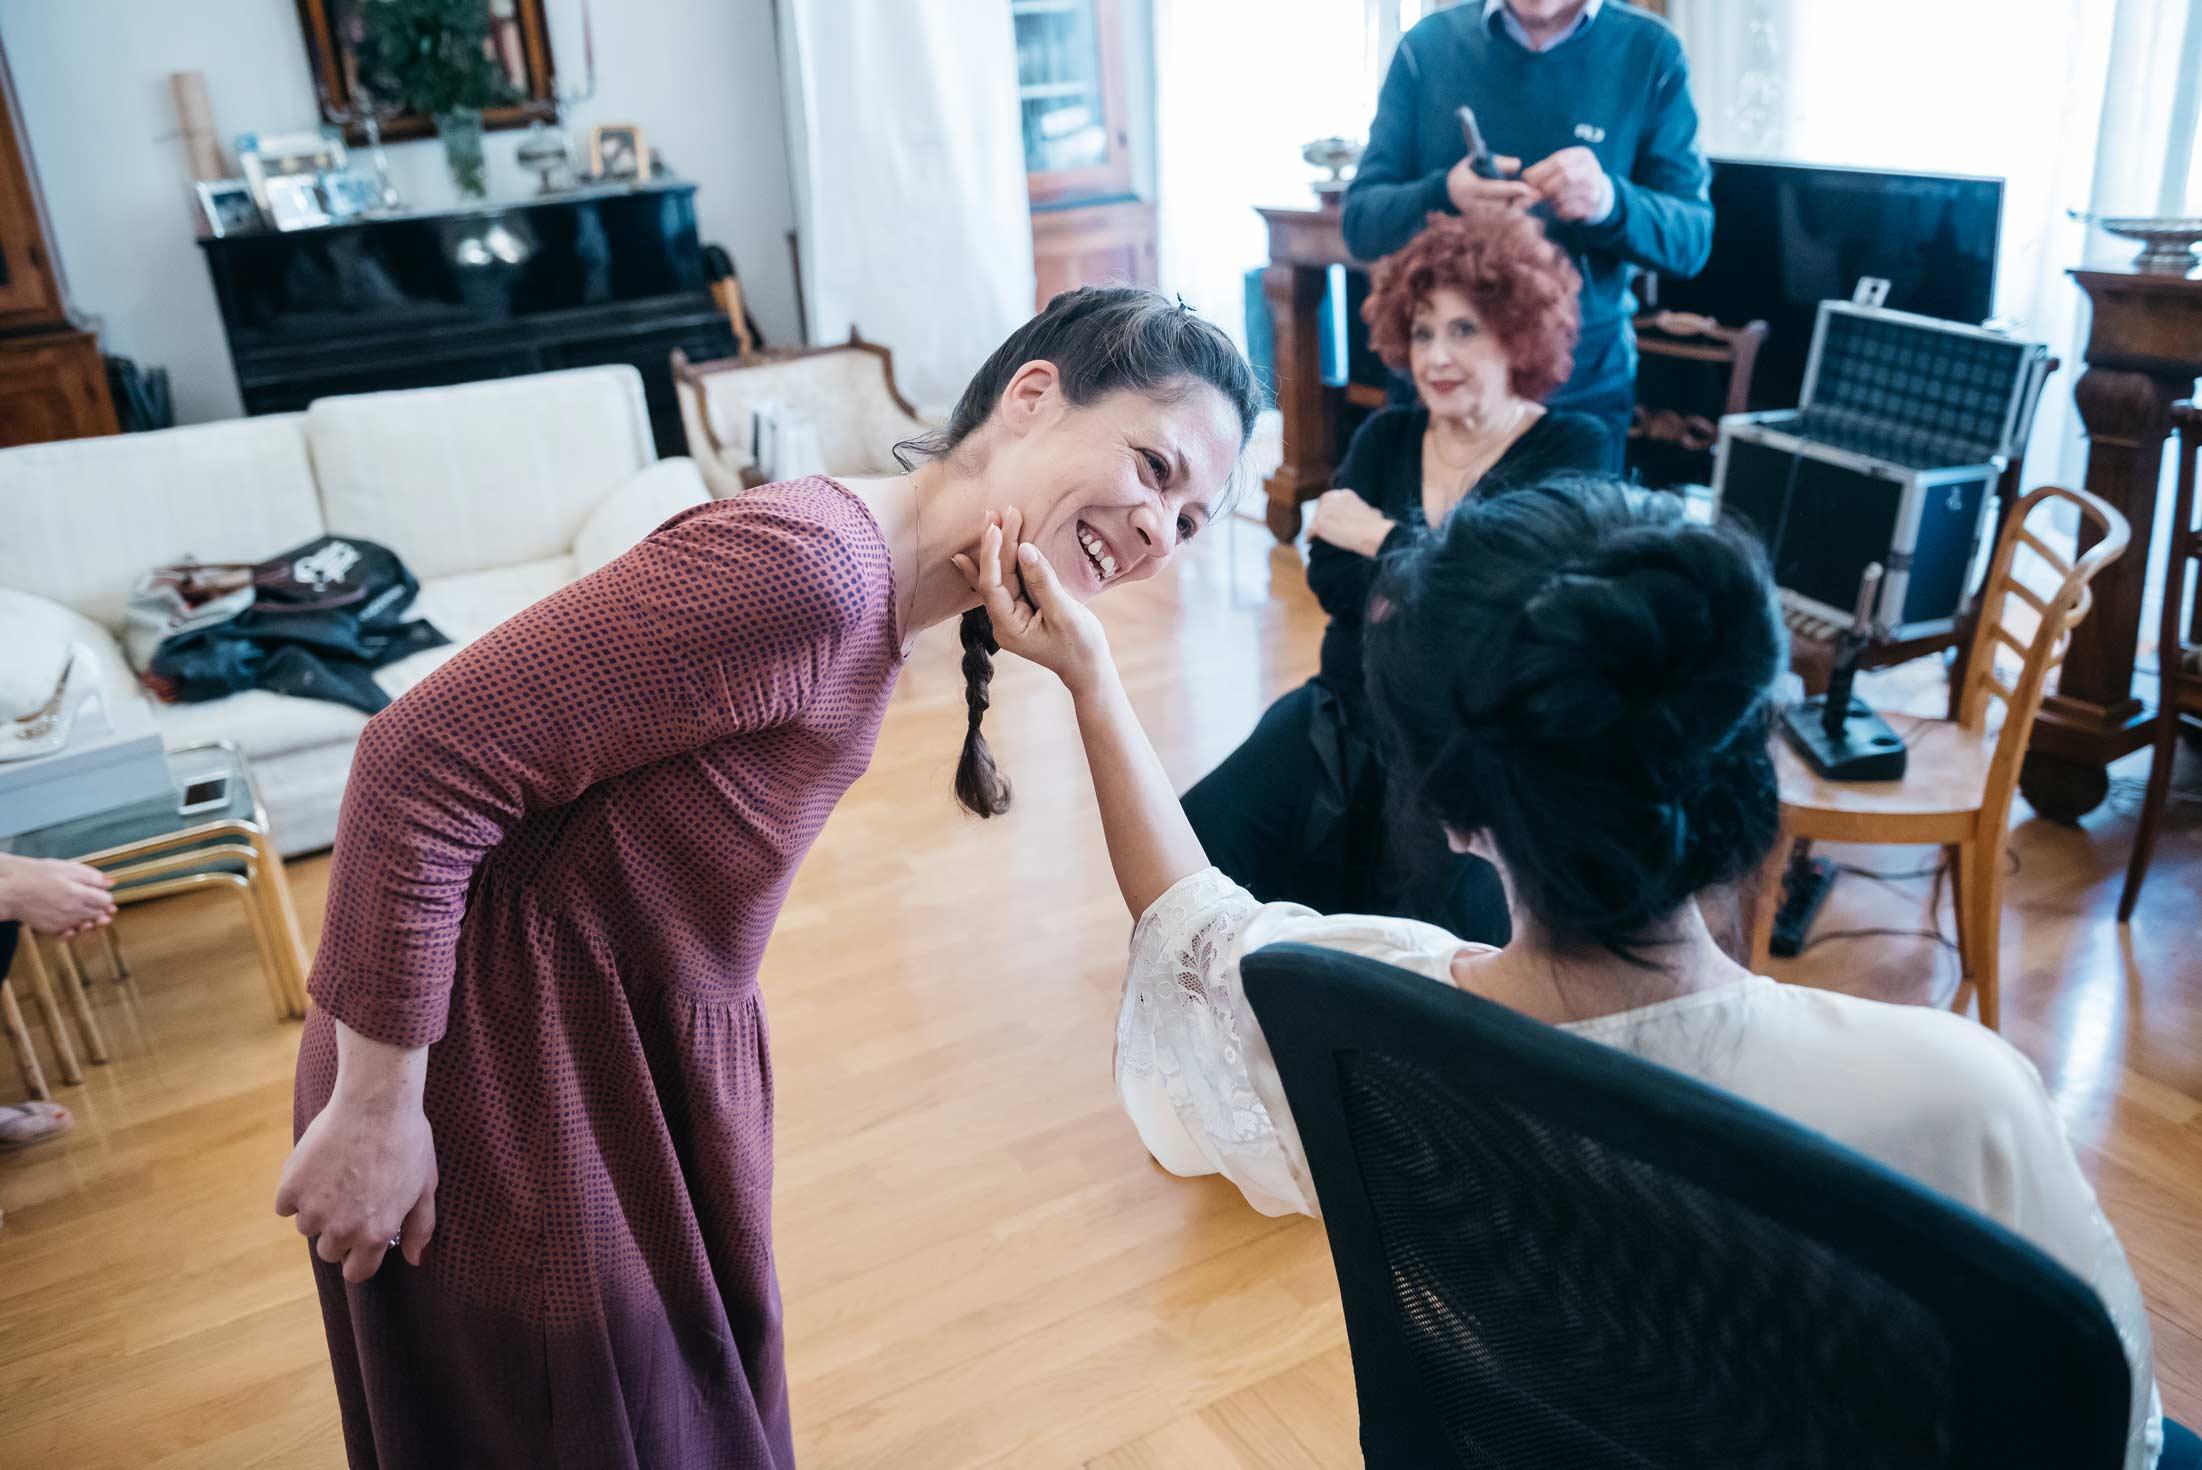 Fotografi-Di-Matrimonio-Reportage-Preparativi-Sposa